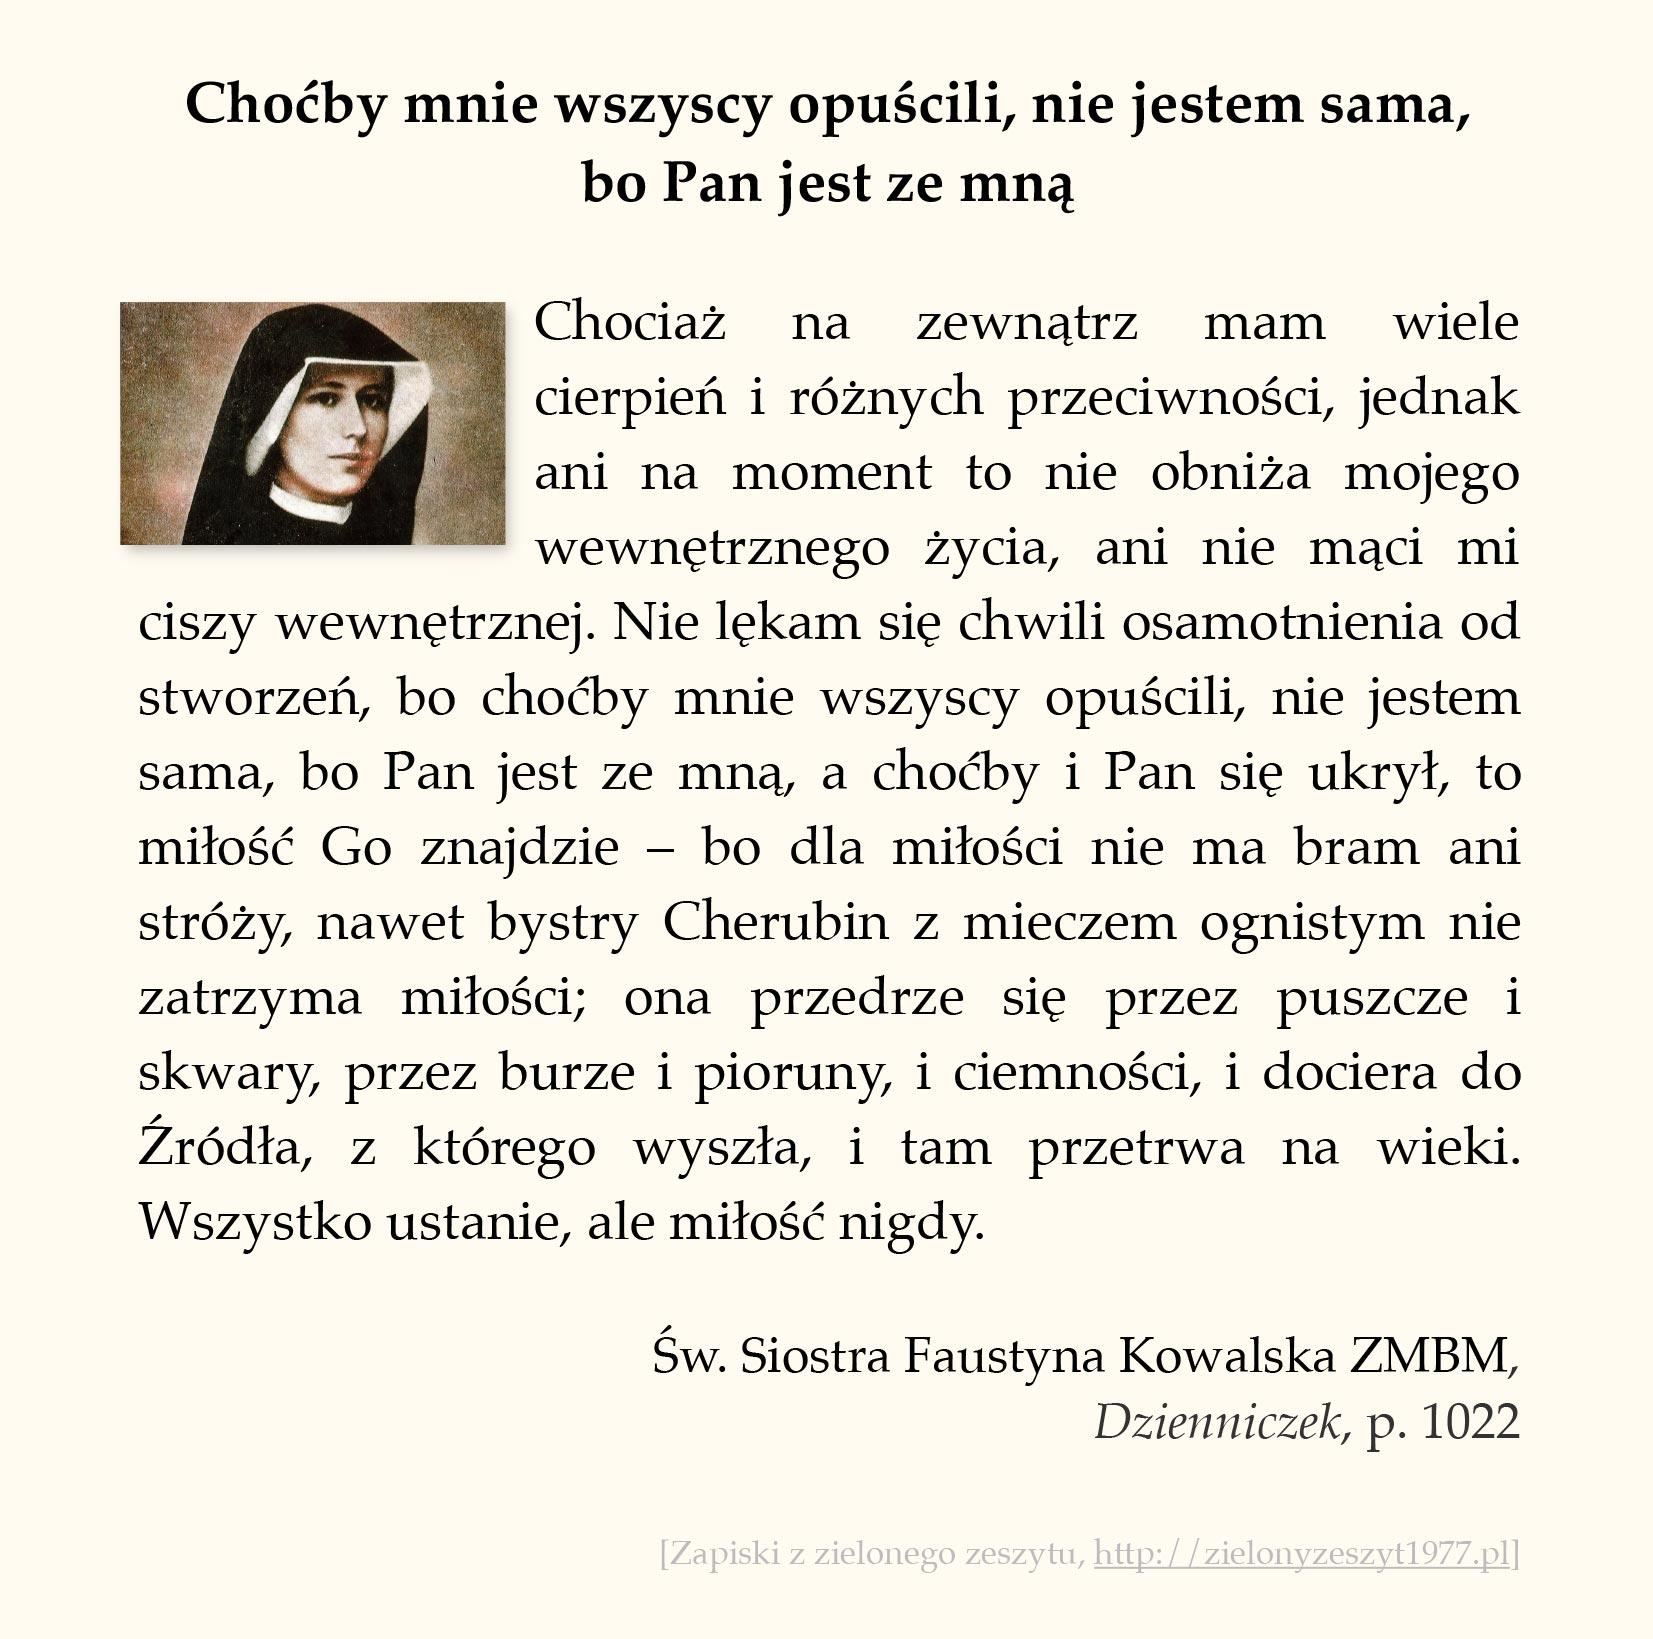 Choćby mnie wszyscy opuścili, nie jestem sama, bo Pan jest ze mną; św. Faustyna Kowalska